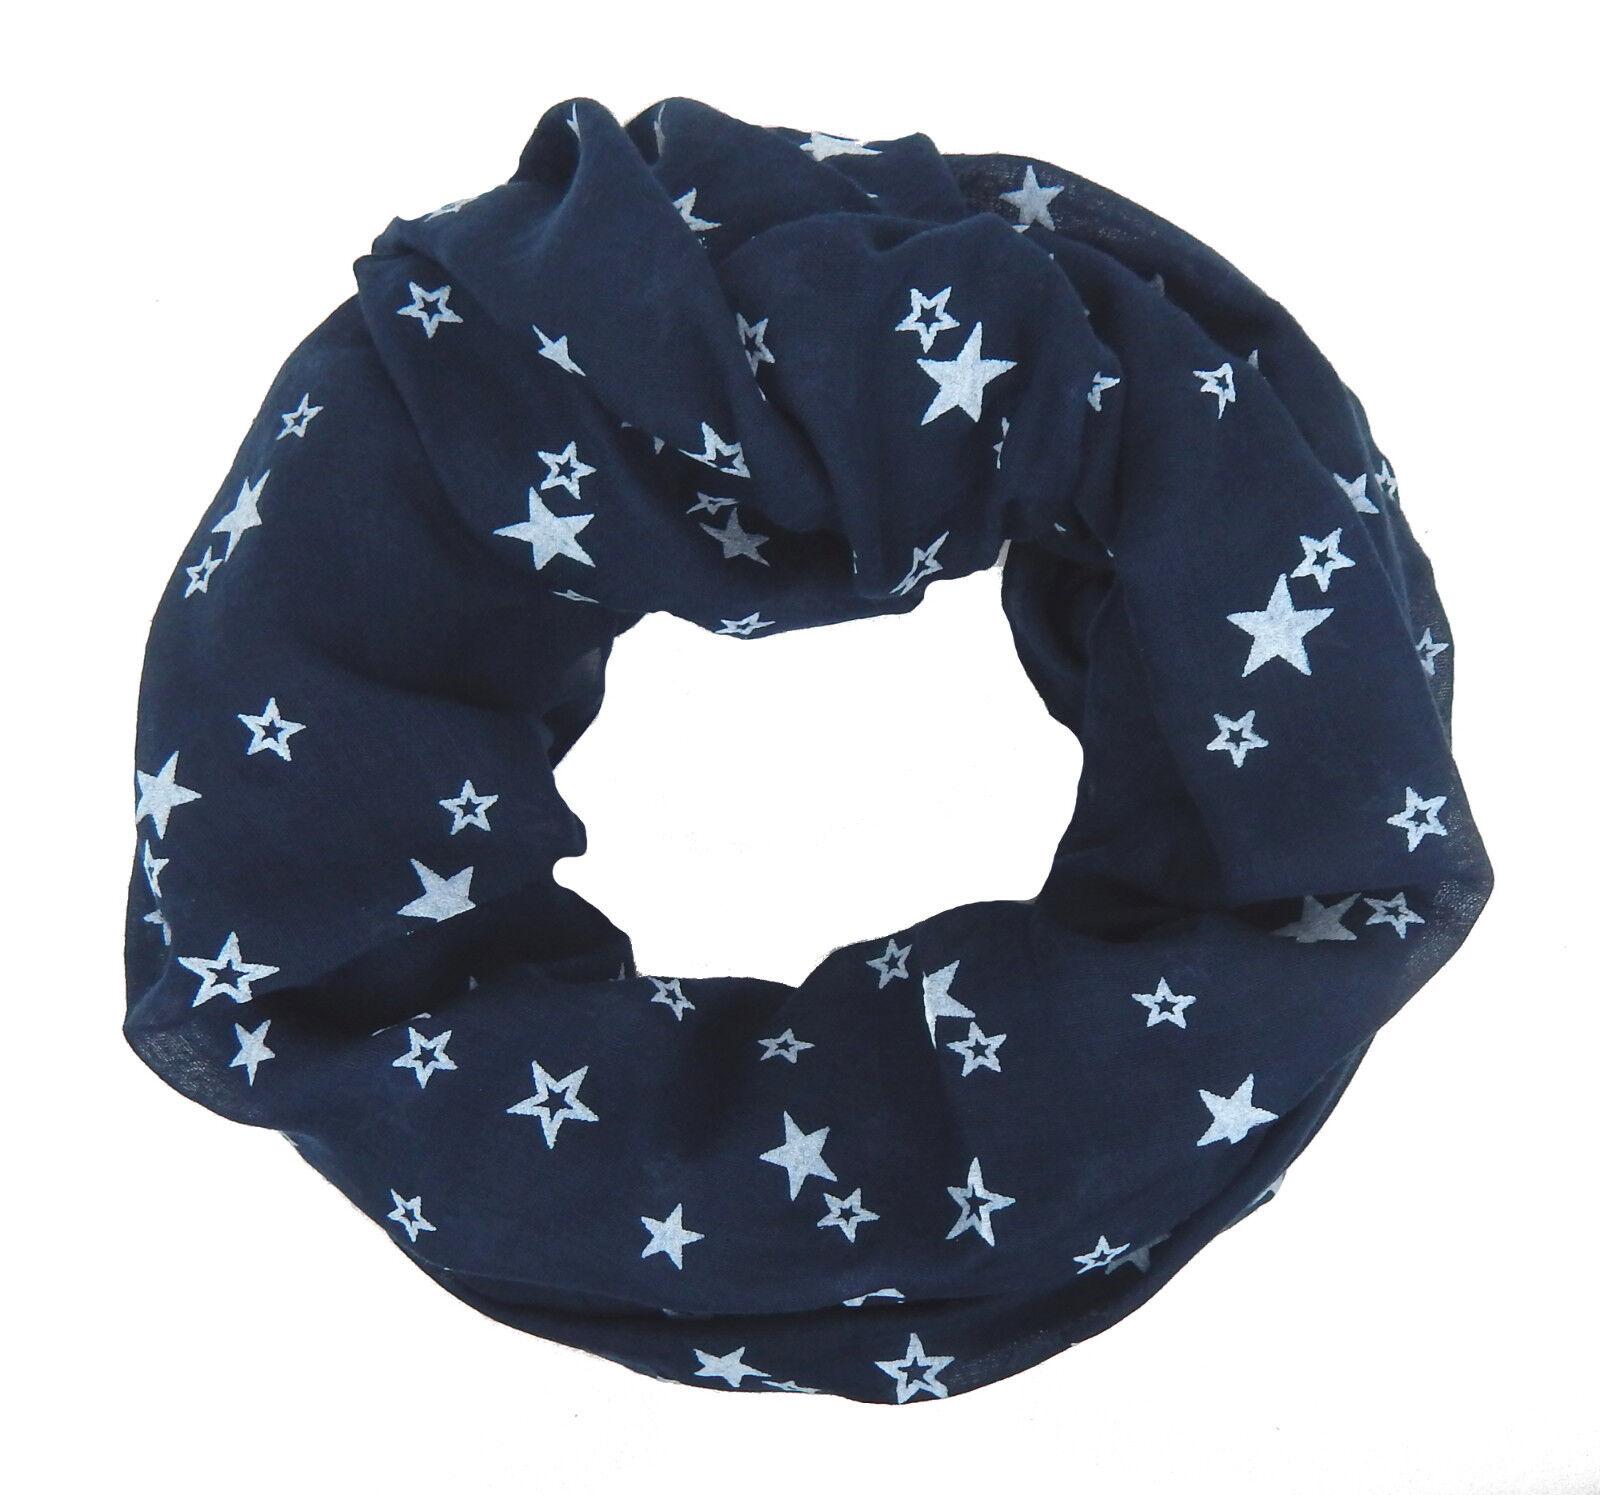 Ella Jonte Loop schwarz weiß Sterne Stern Motiv 100/% Viskose breiter Schal